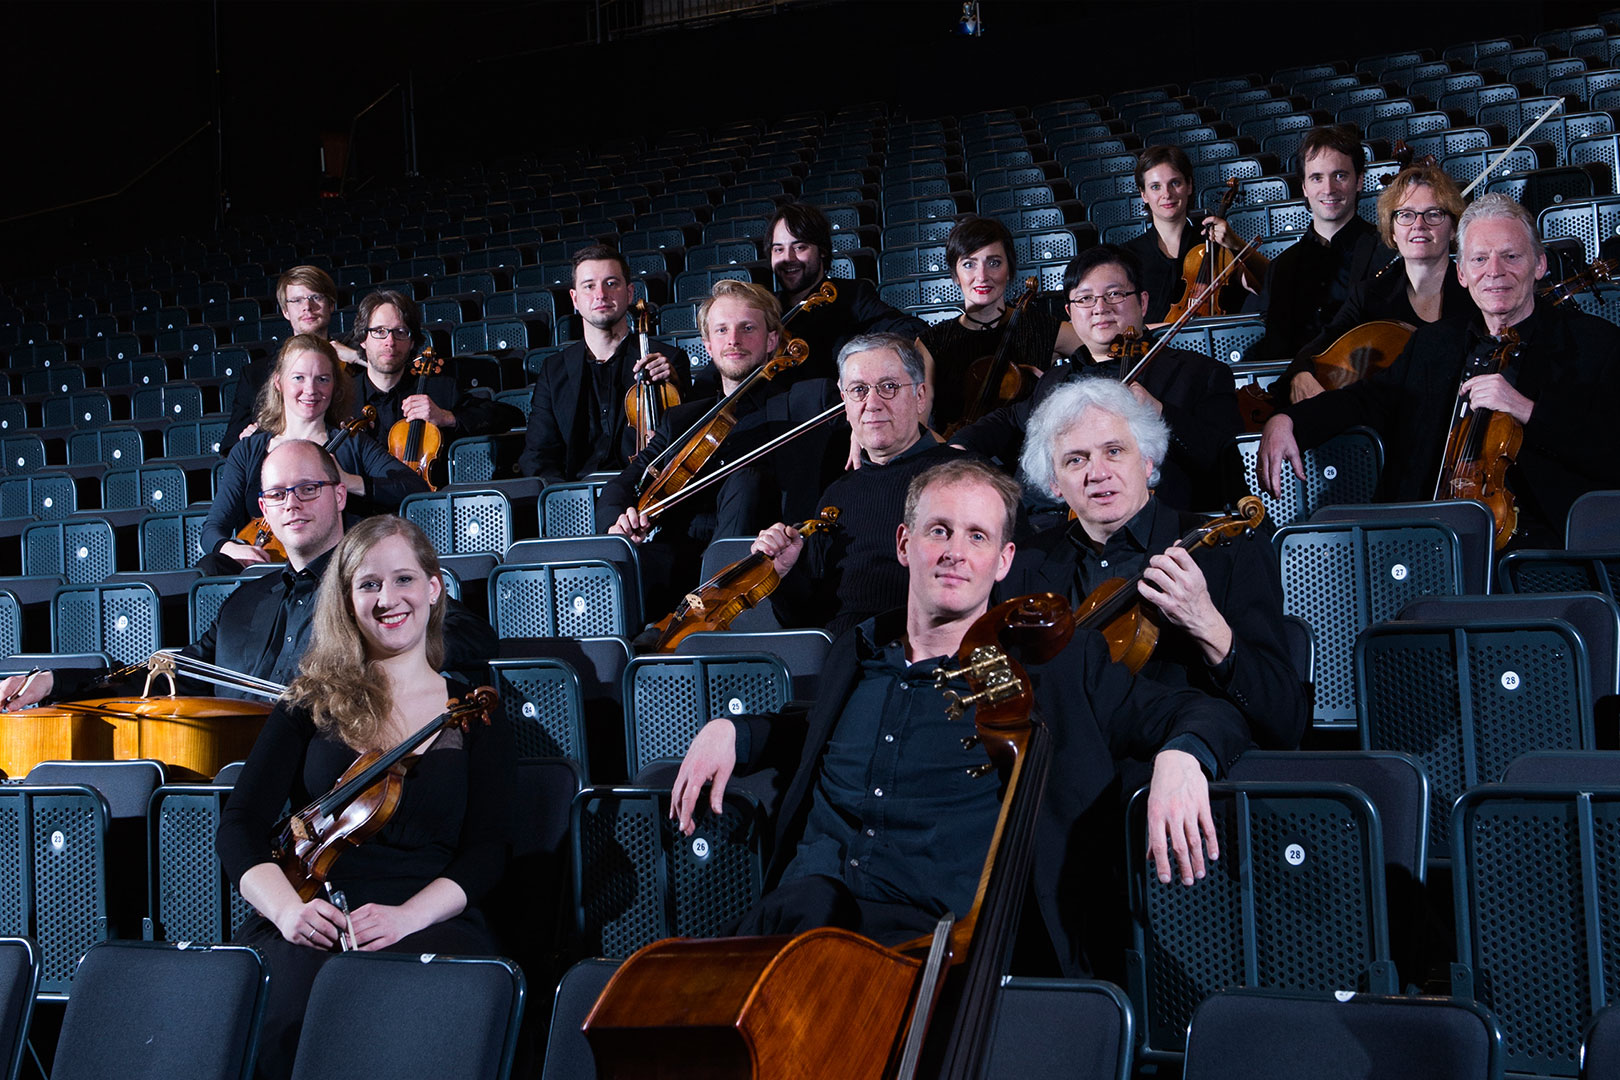 Raum für musikalische Begegnungen – das Stuttgarter Kammerorchester mit frischen Konzepten fernab des Mainstreams